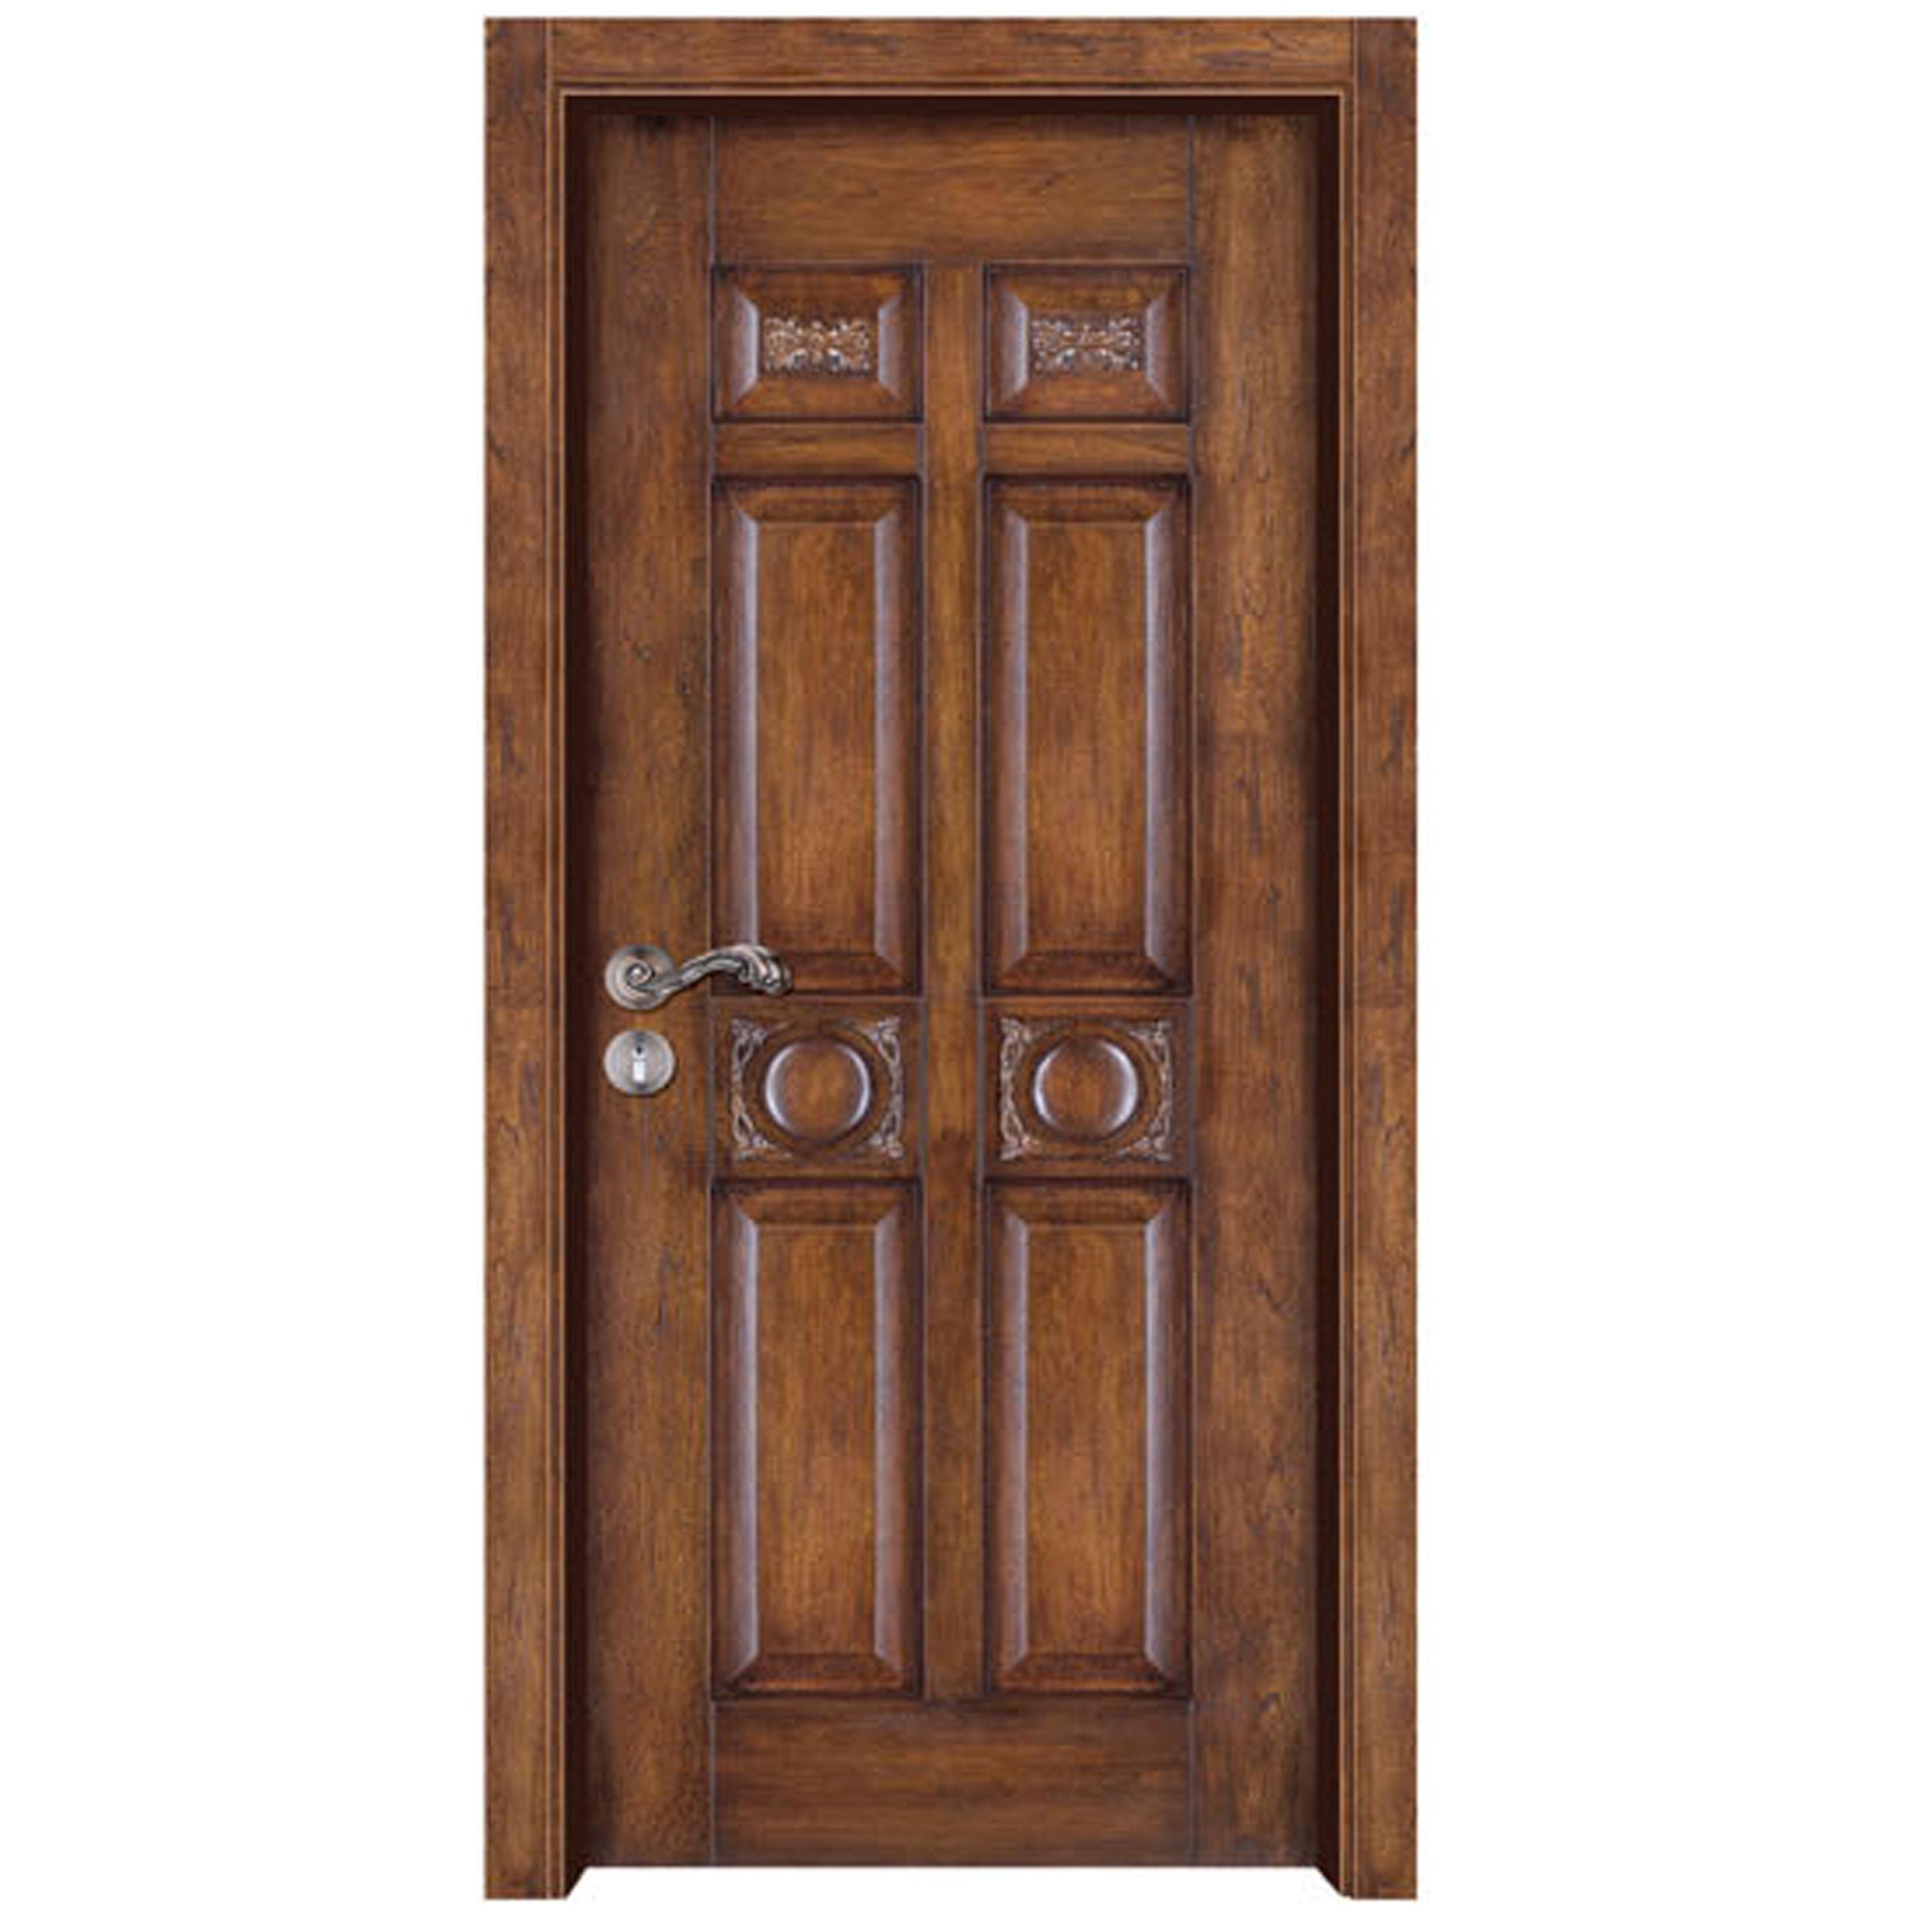 Entrance Wooden Hand Carved Door Frame Design Frames Designs Indiac Product On